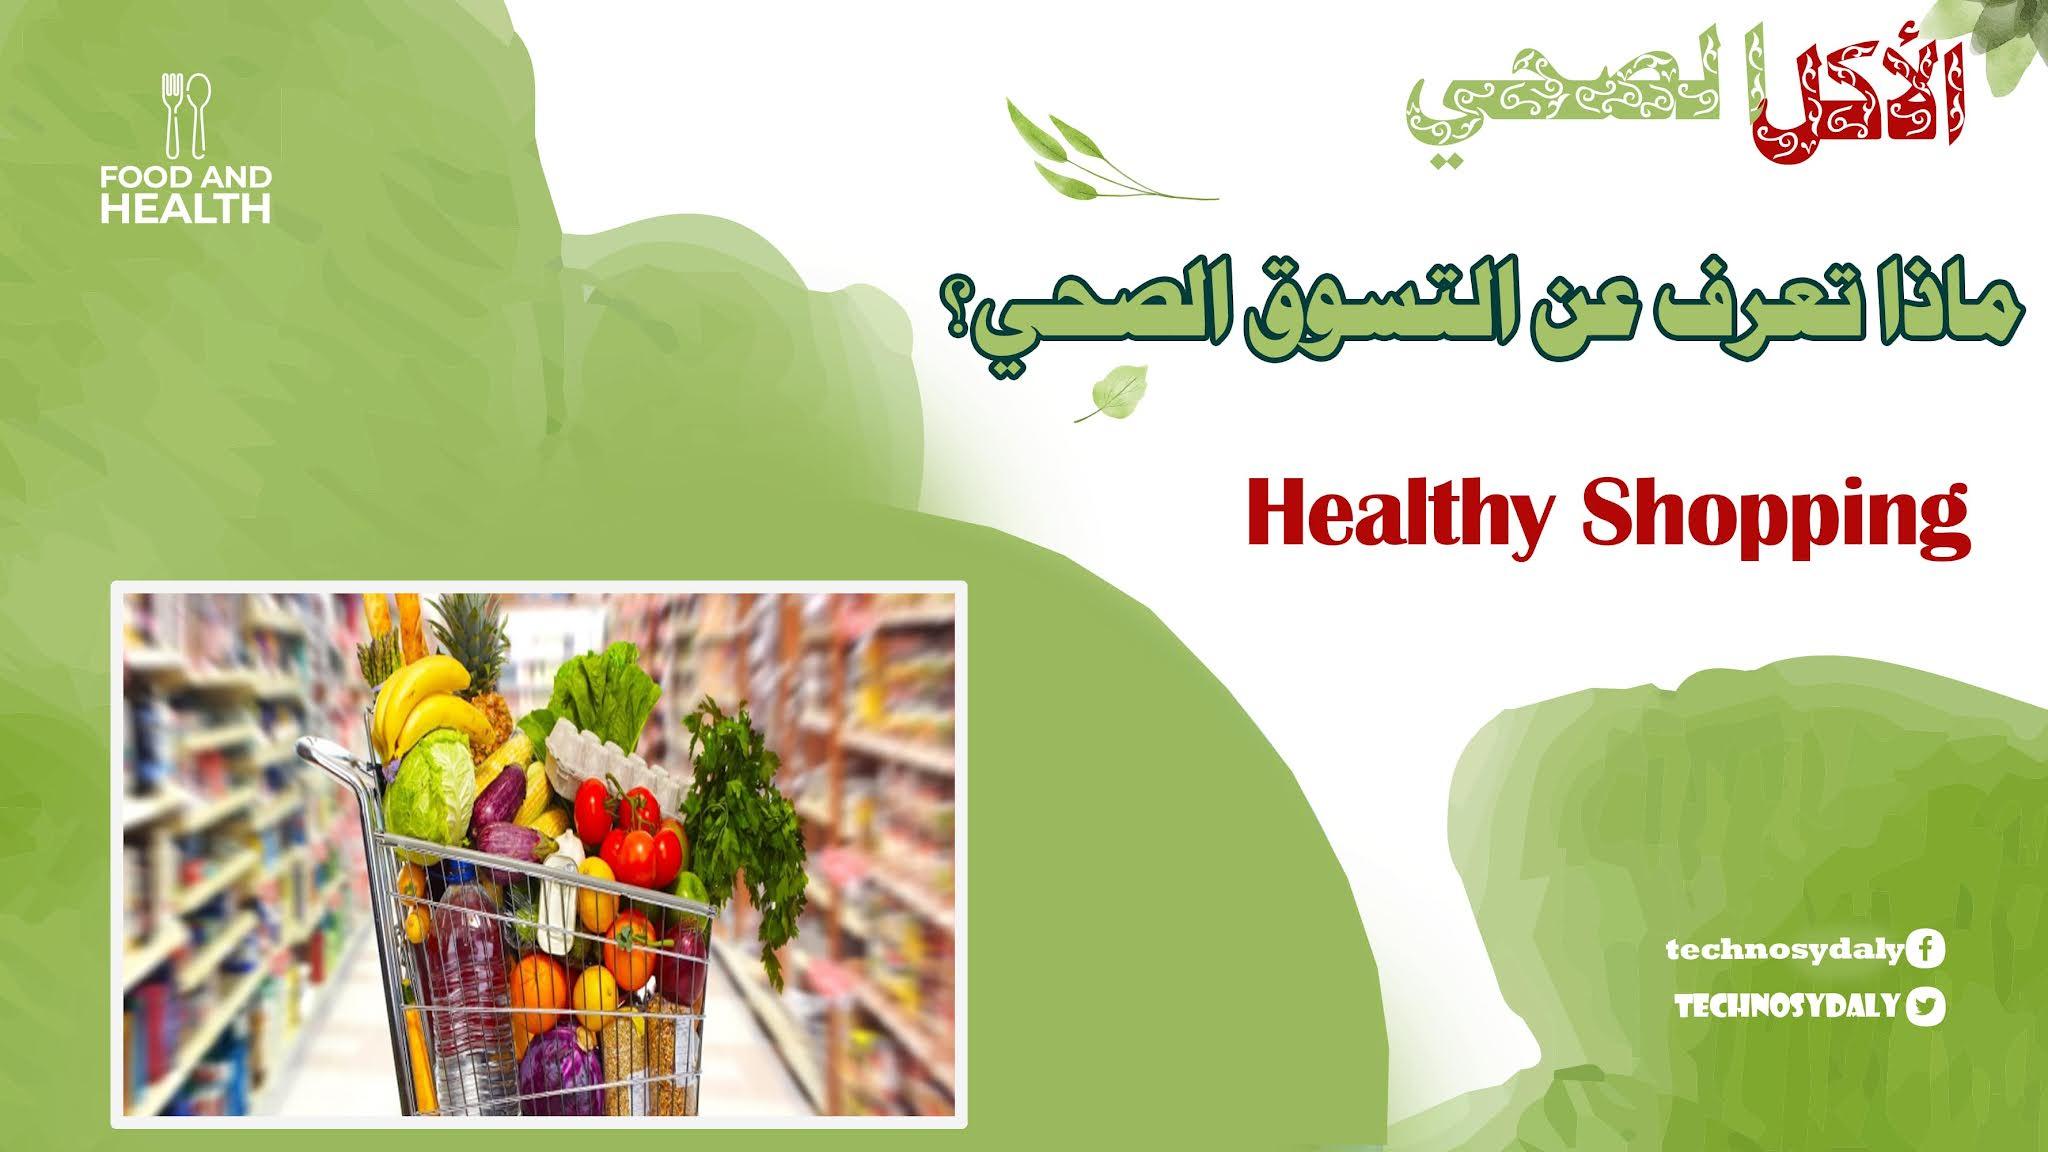 ماذا تعرف عن التسوق الصحي؟ Healthy Shopping